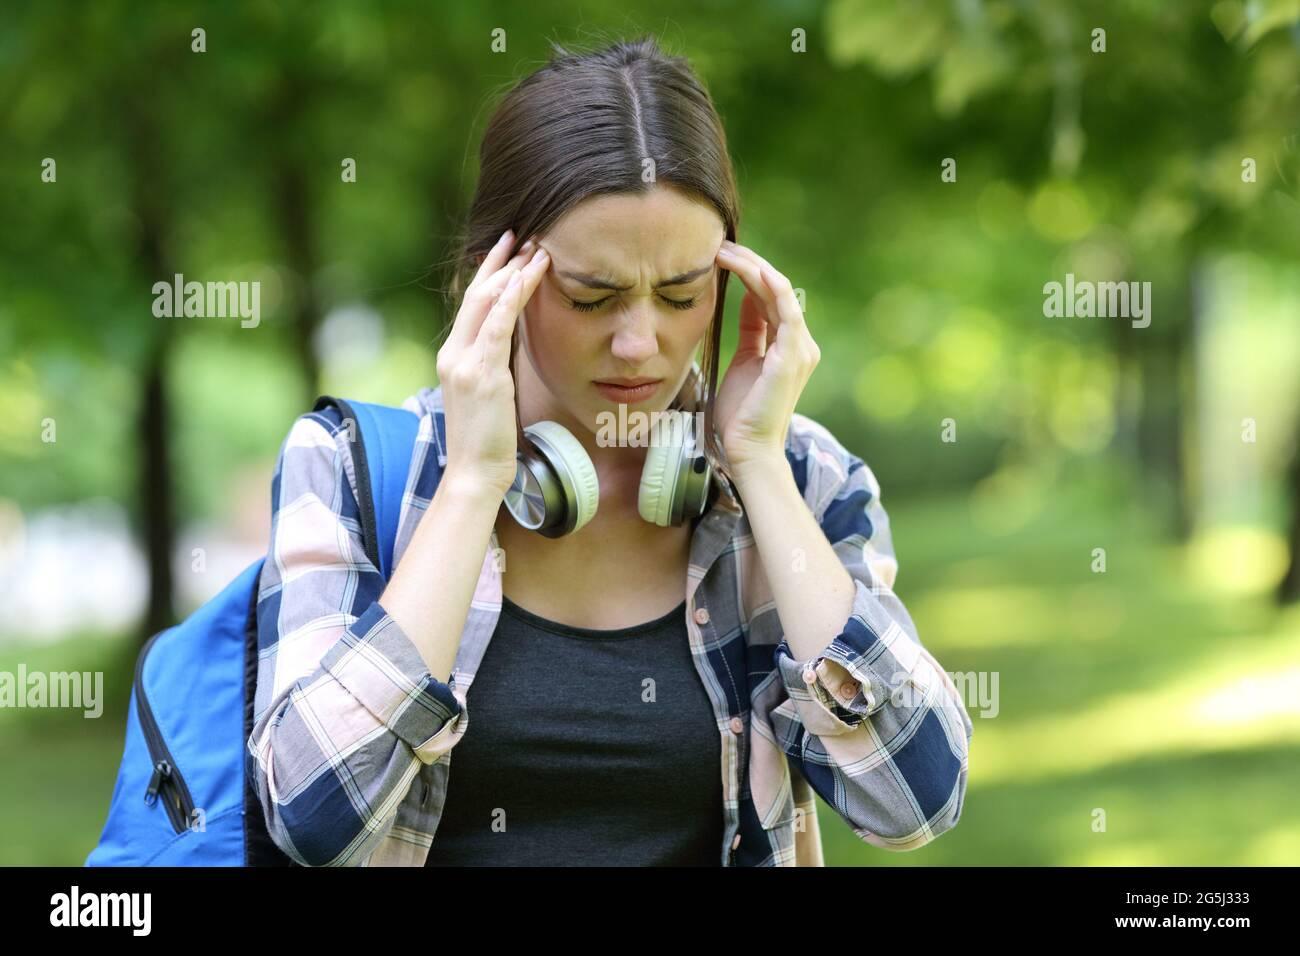 Étudiant souffrant de maux de tête marchant dans un parc ou un campus l'été Banque D'Images